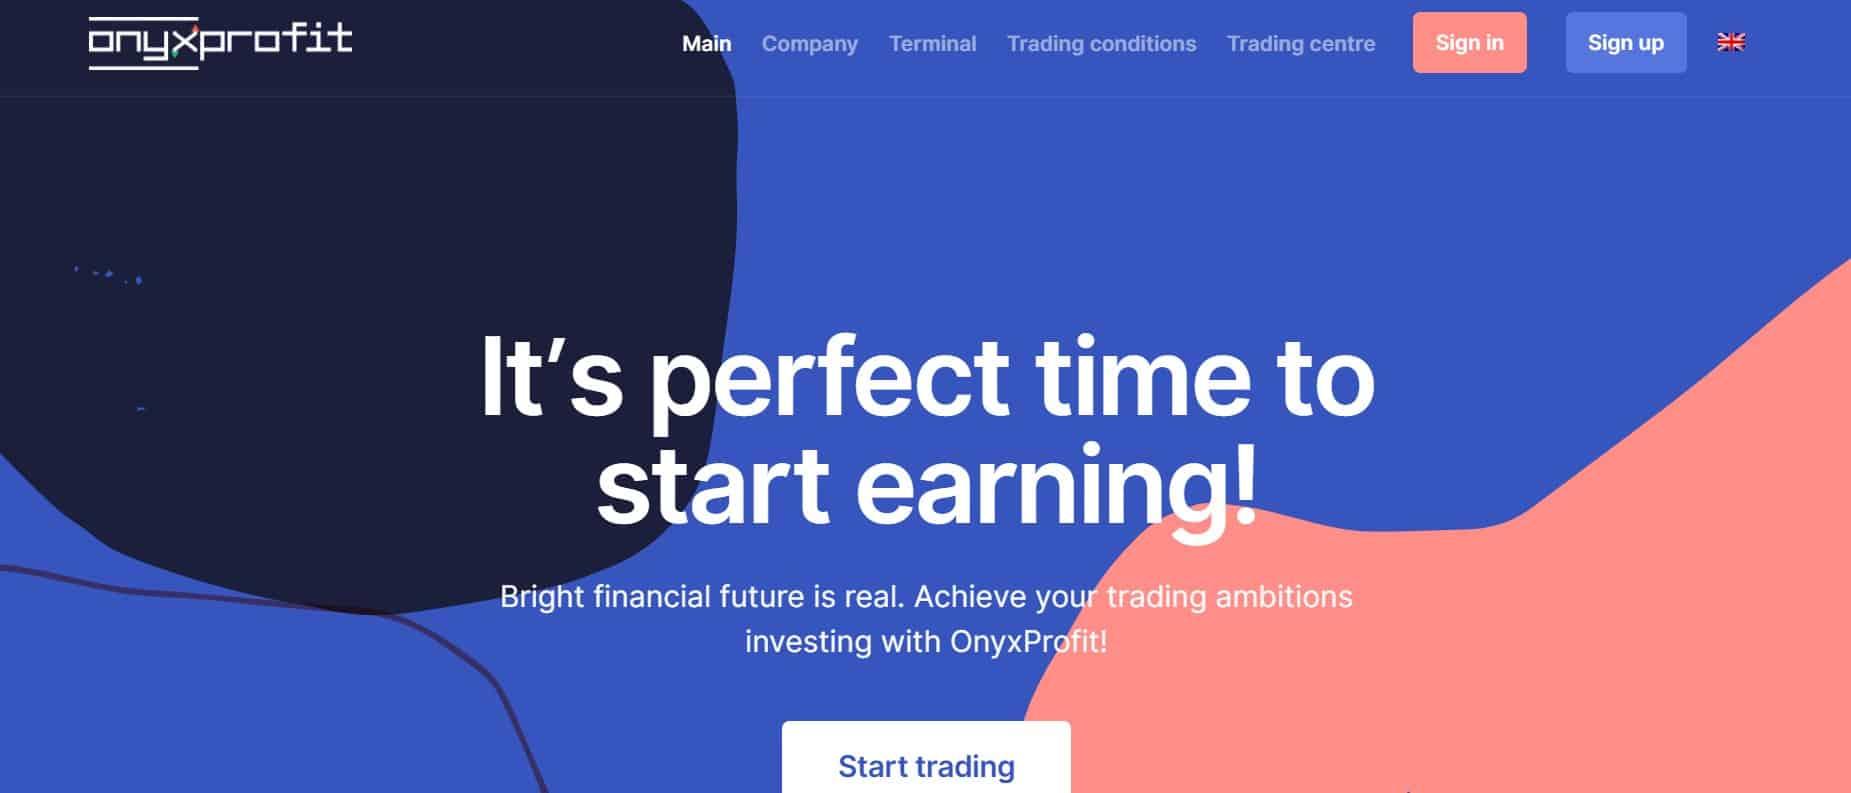 Onyxprofit website